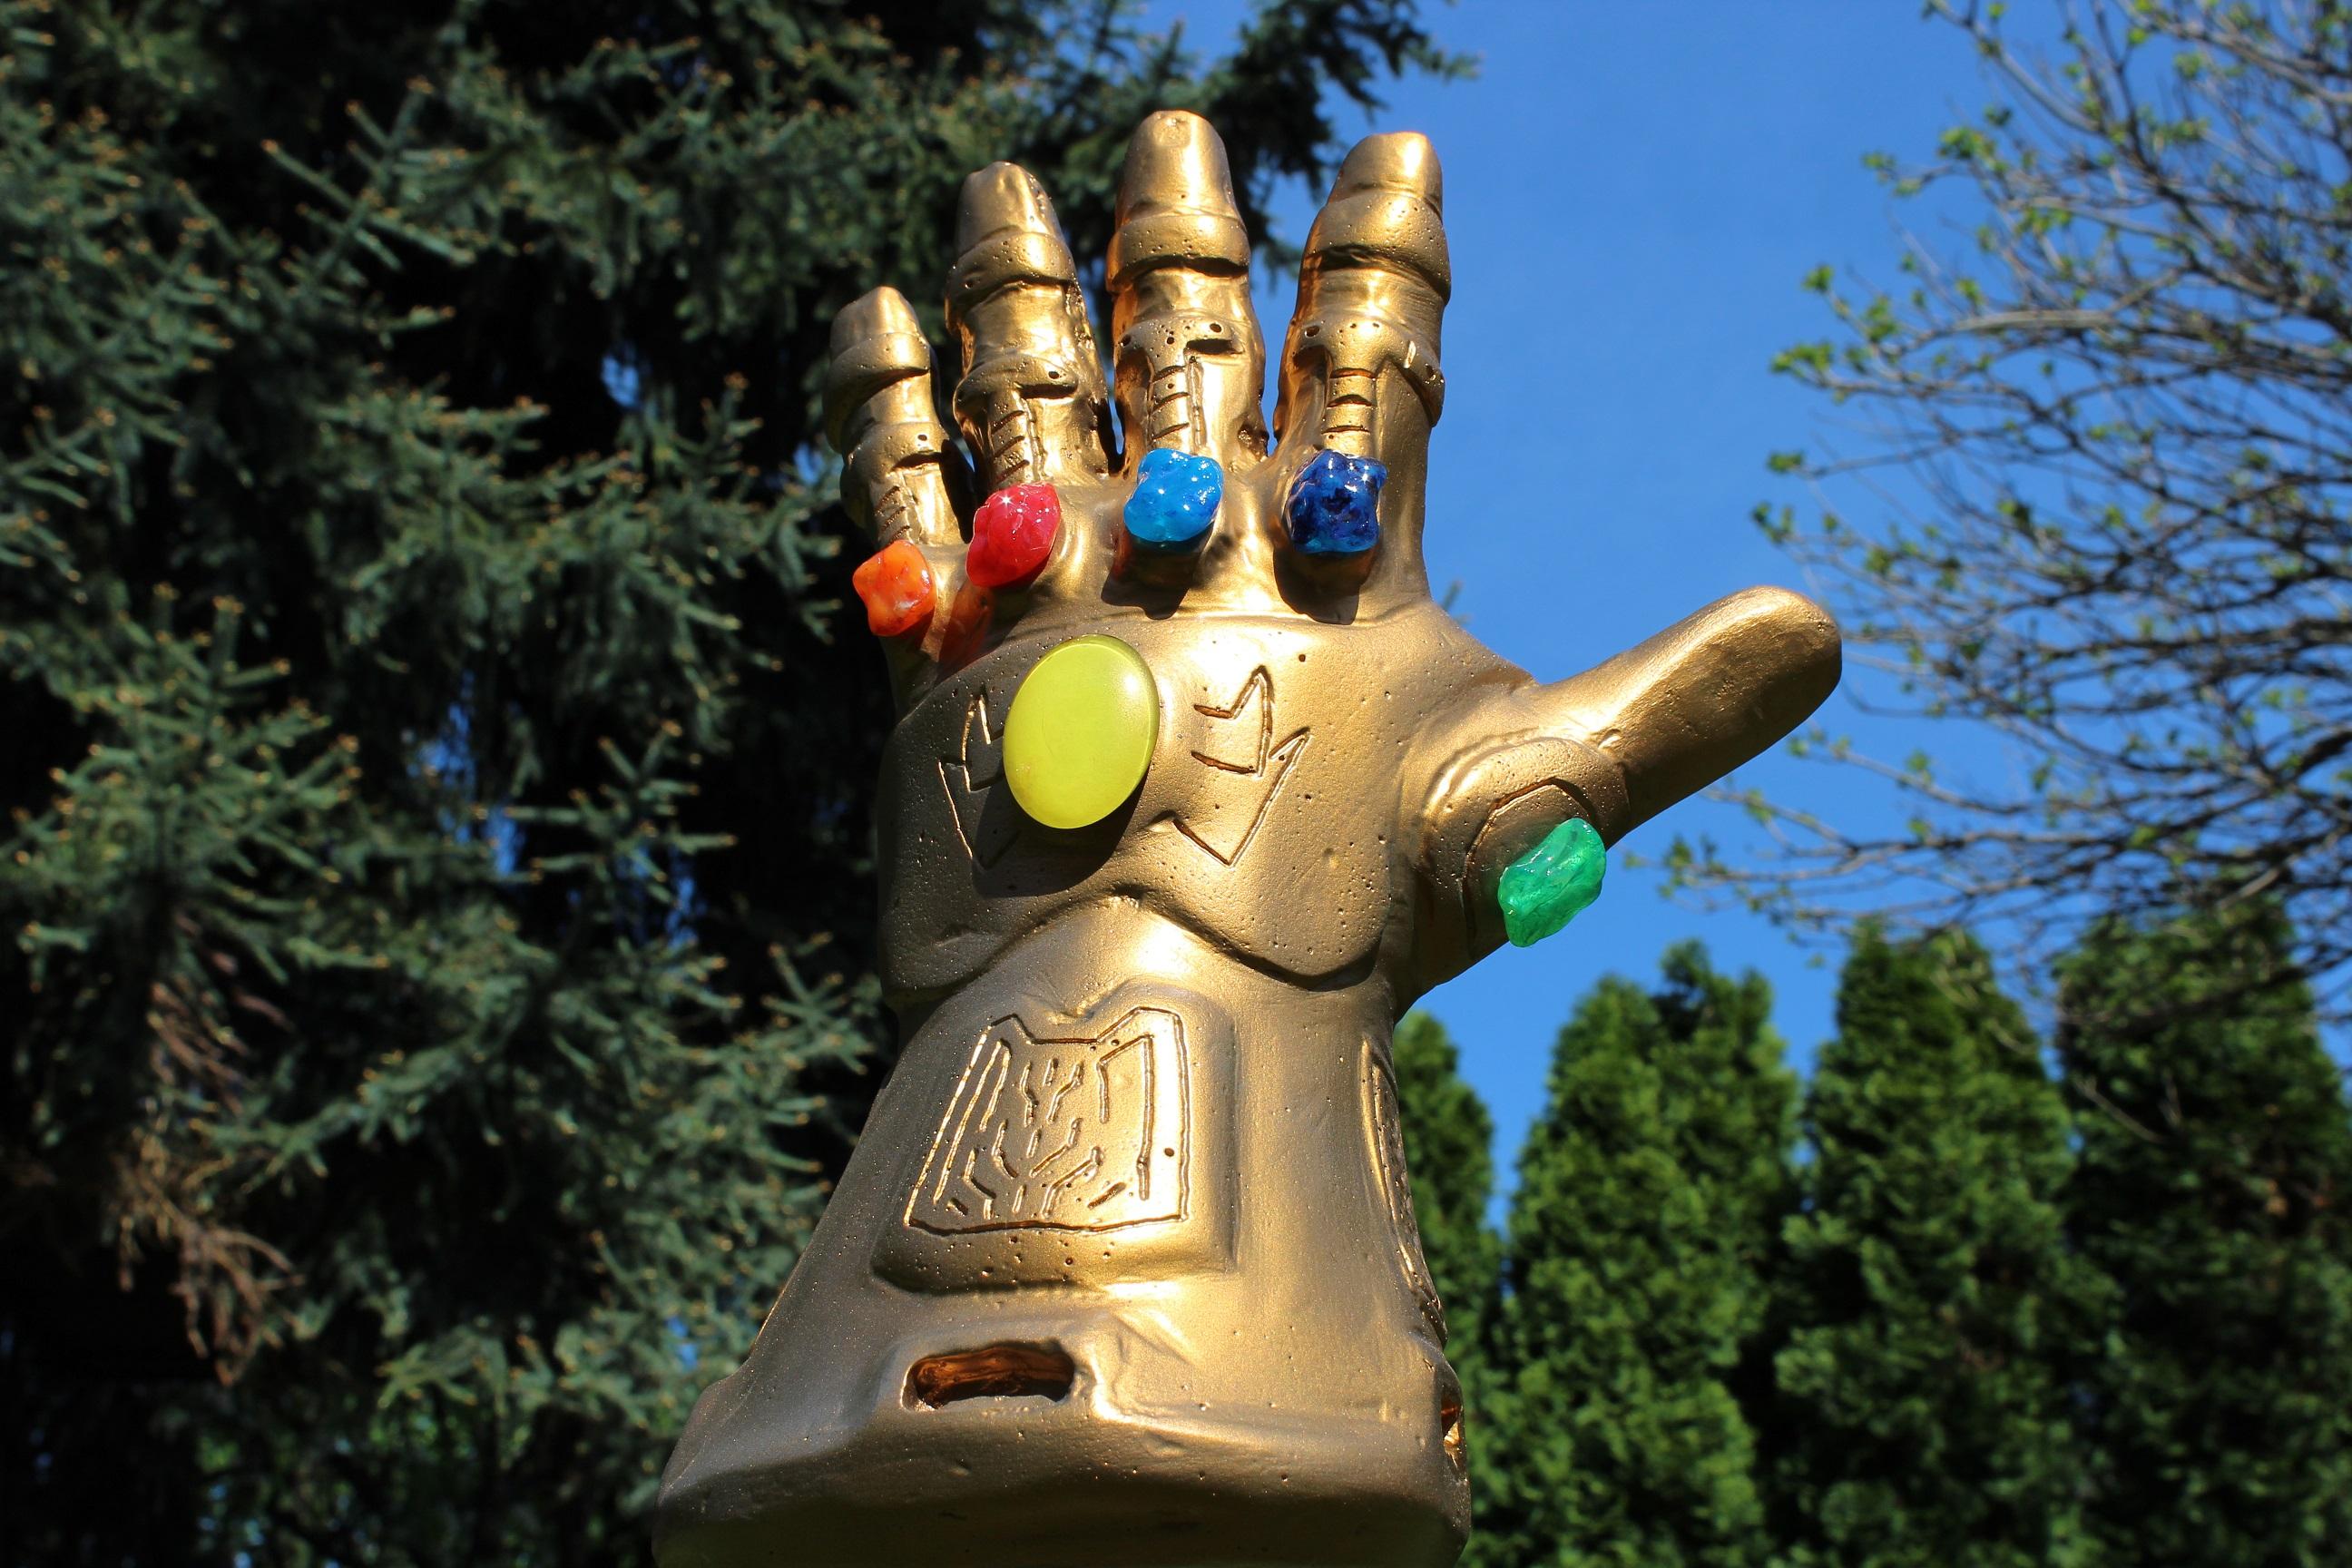 szmk_marvel_avengers_infinity_gauntlet_bosszuallok_vegtelen_kesztyu_csinald_magad_thanos_8.JPG